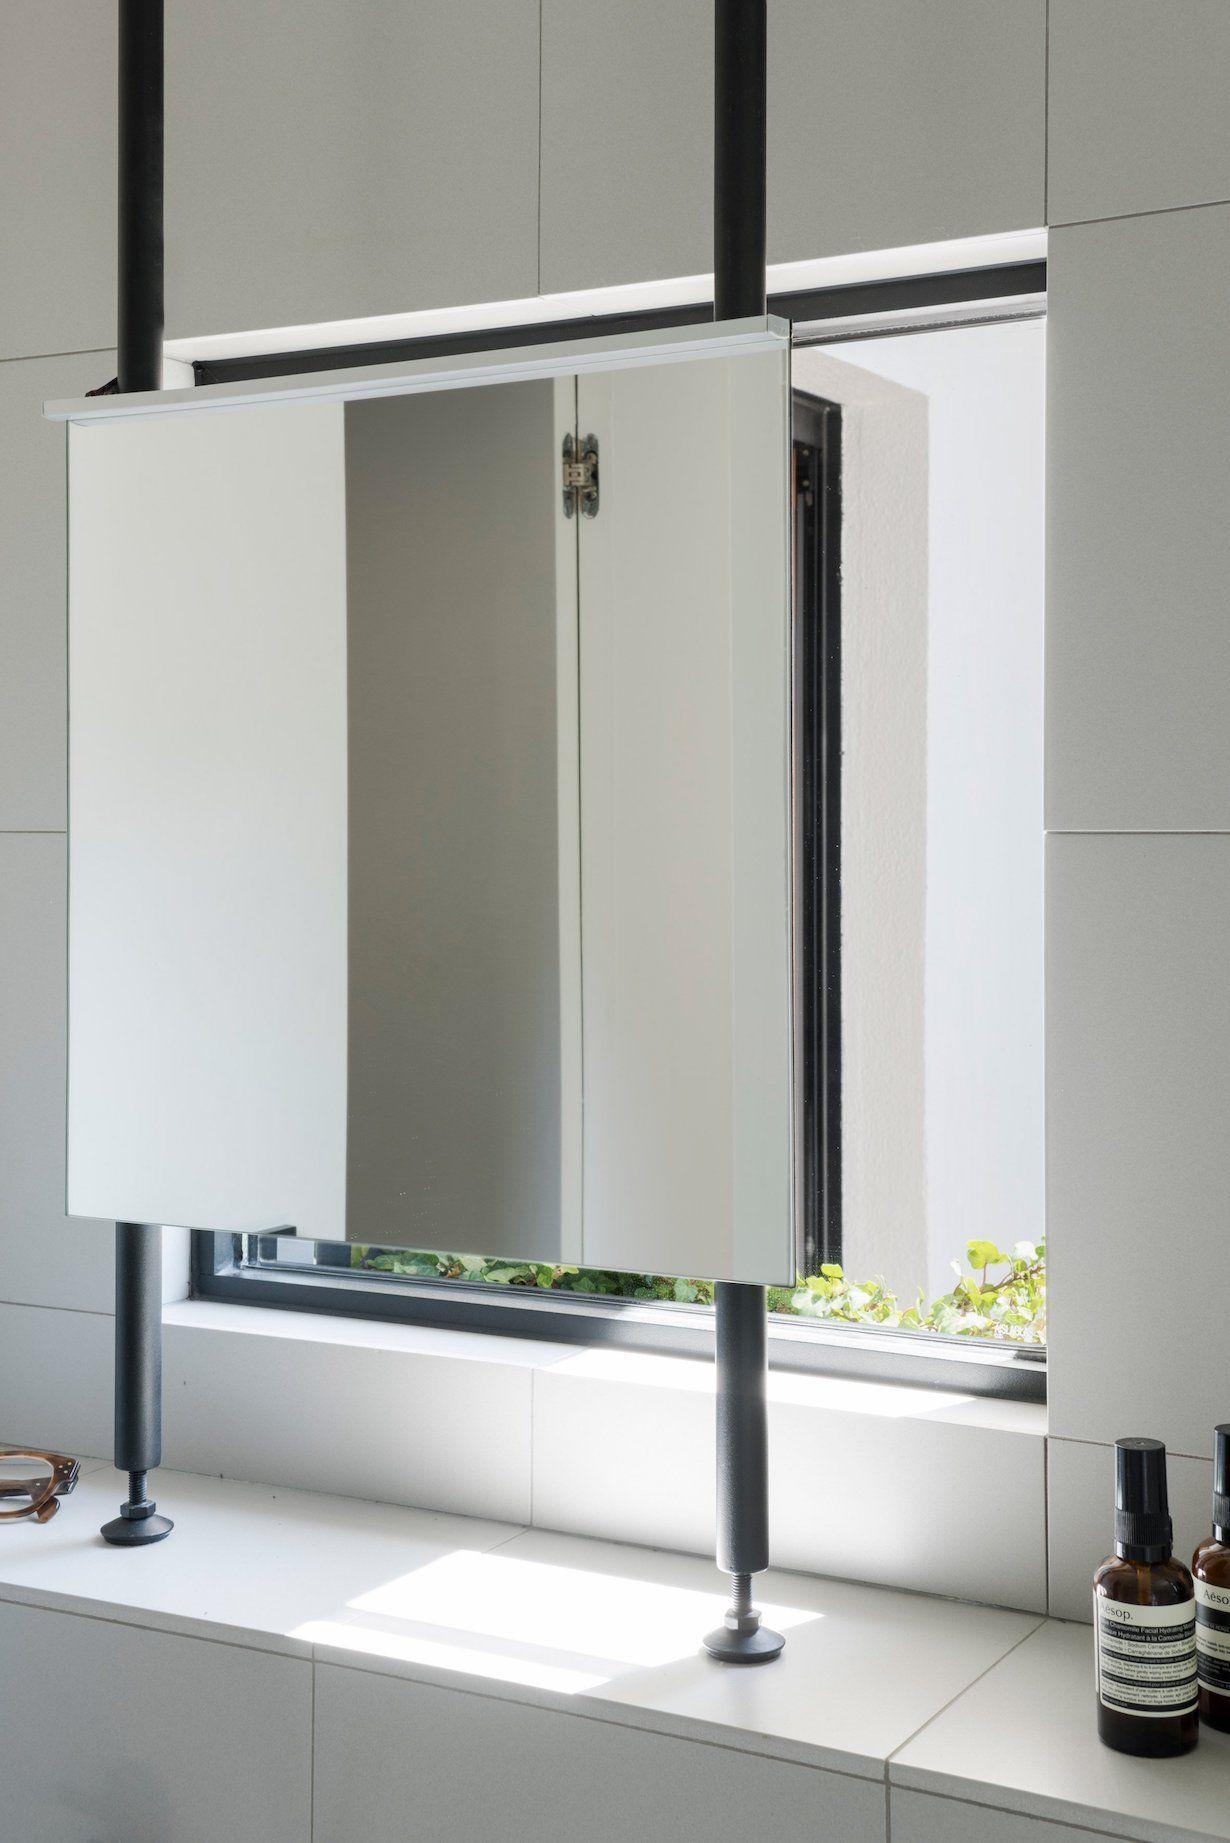 miroir salle de bain devant fen tre le blog d co de mlc salle de bain pinterest miroir. Black Bedroom Furniture Sets. Home Design Ideas